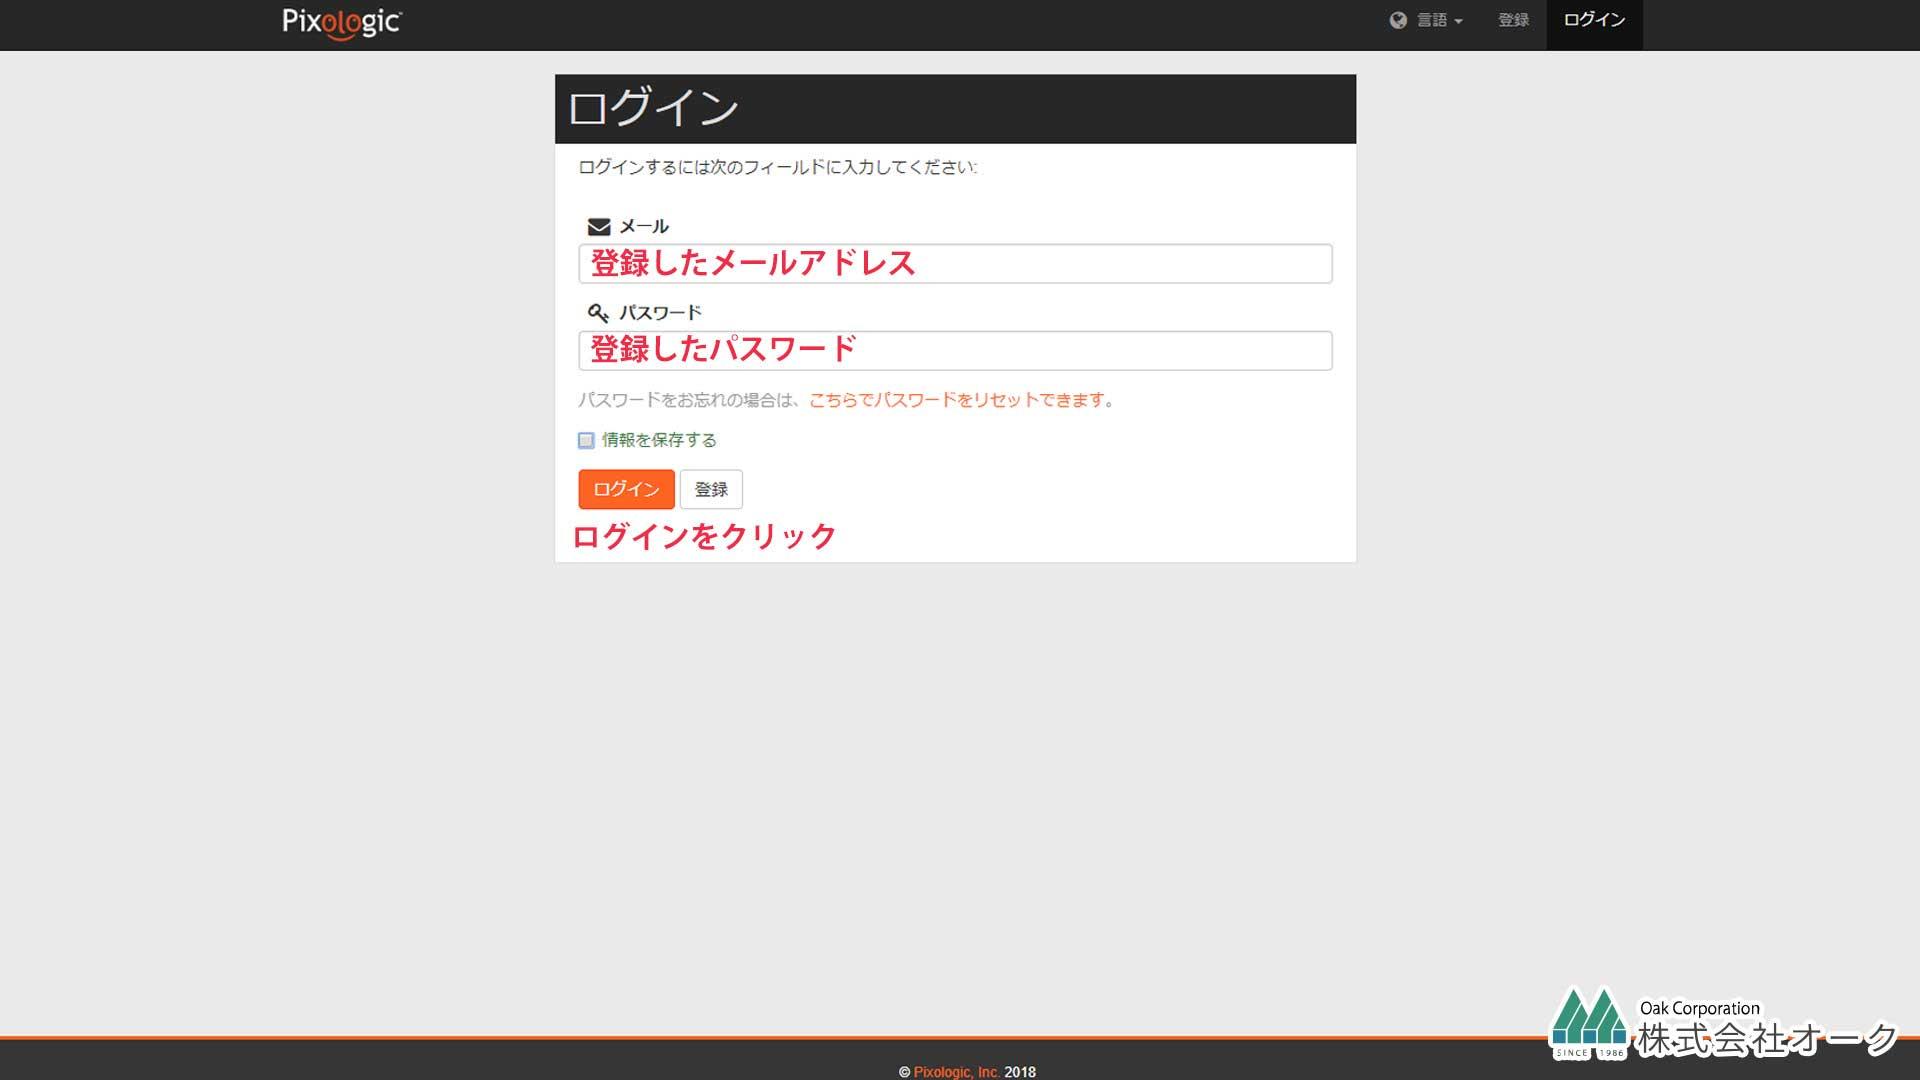 pixologic idの登録